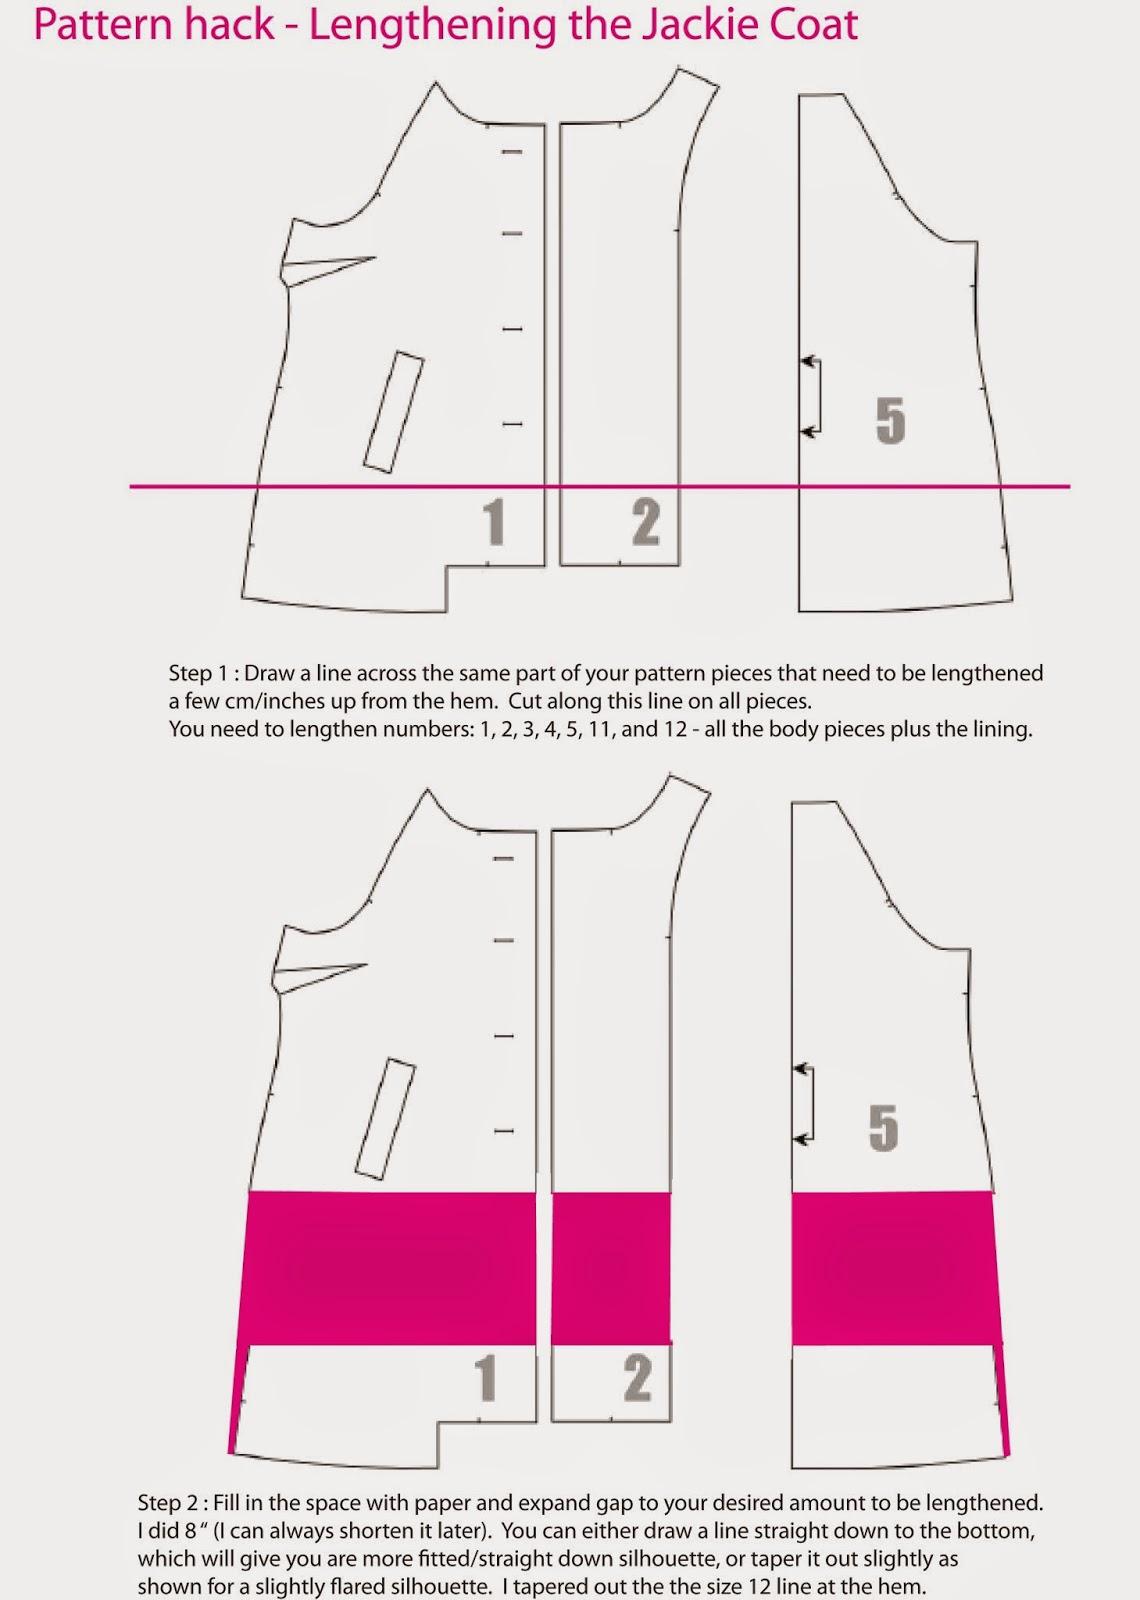 Jackie Coat Sewalong - Lengthening your coat.